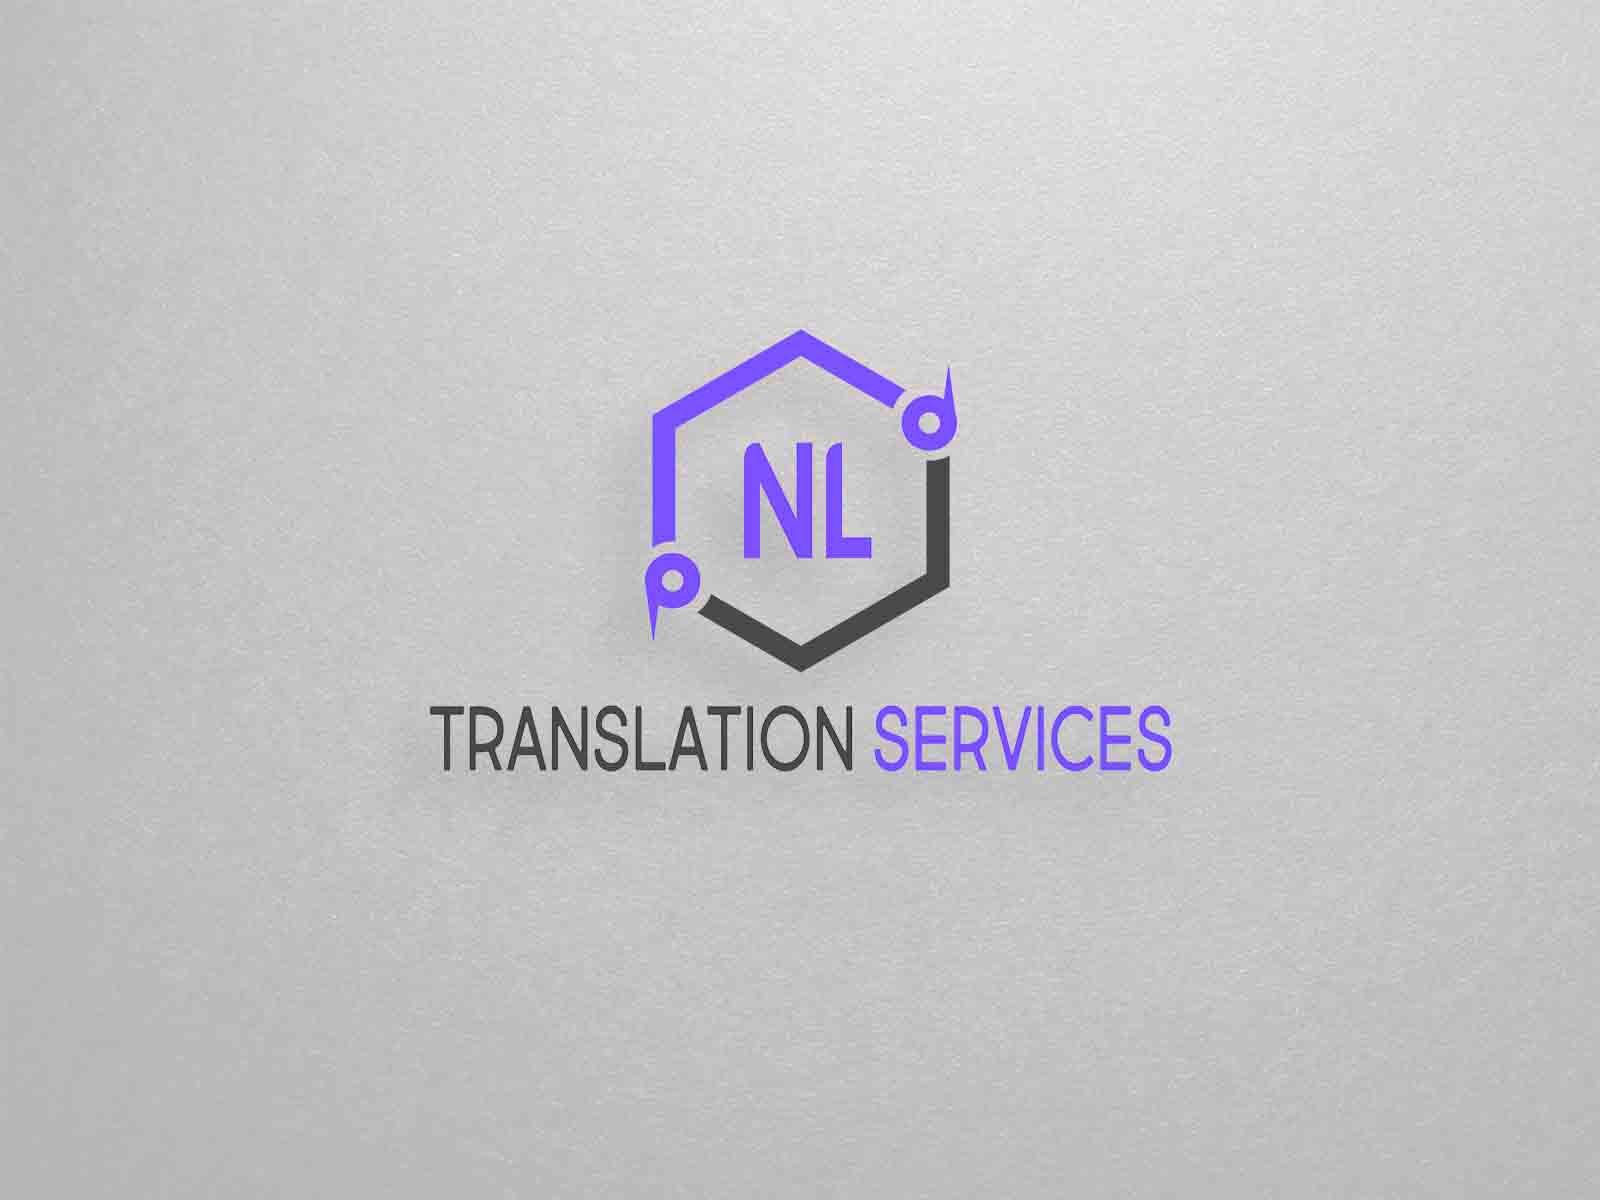 nl-translations-изработка-на-уебсайт-linkbox